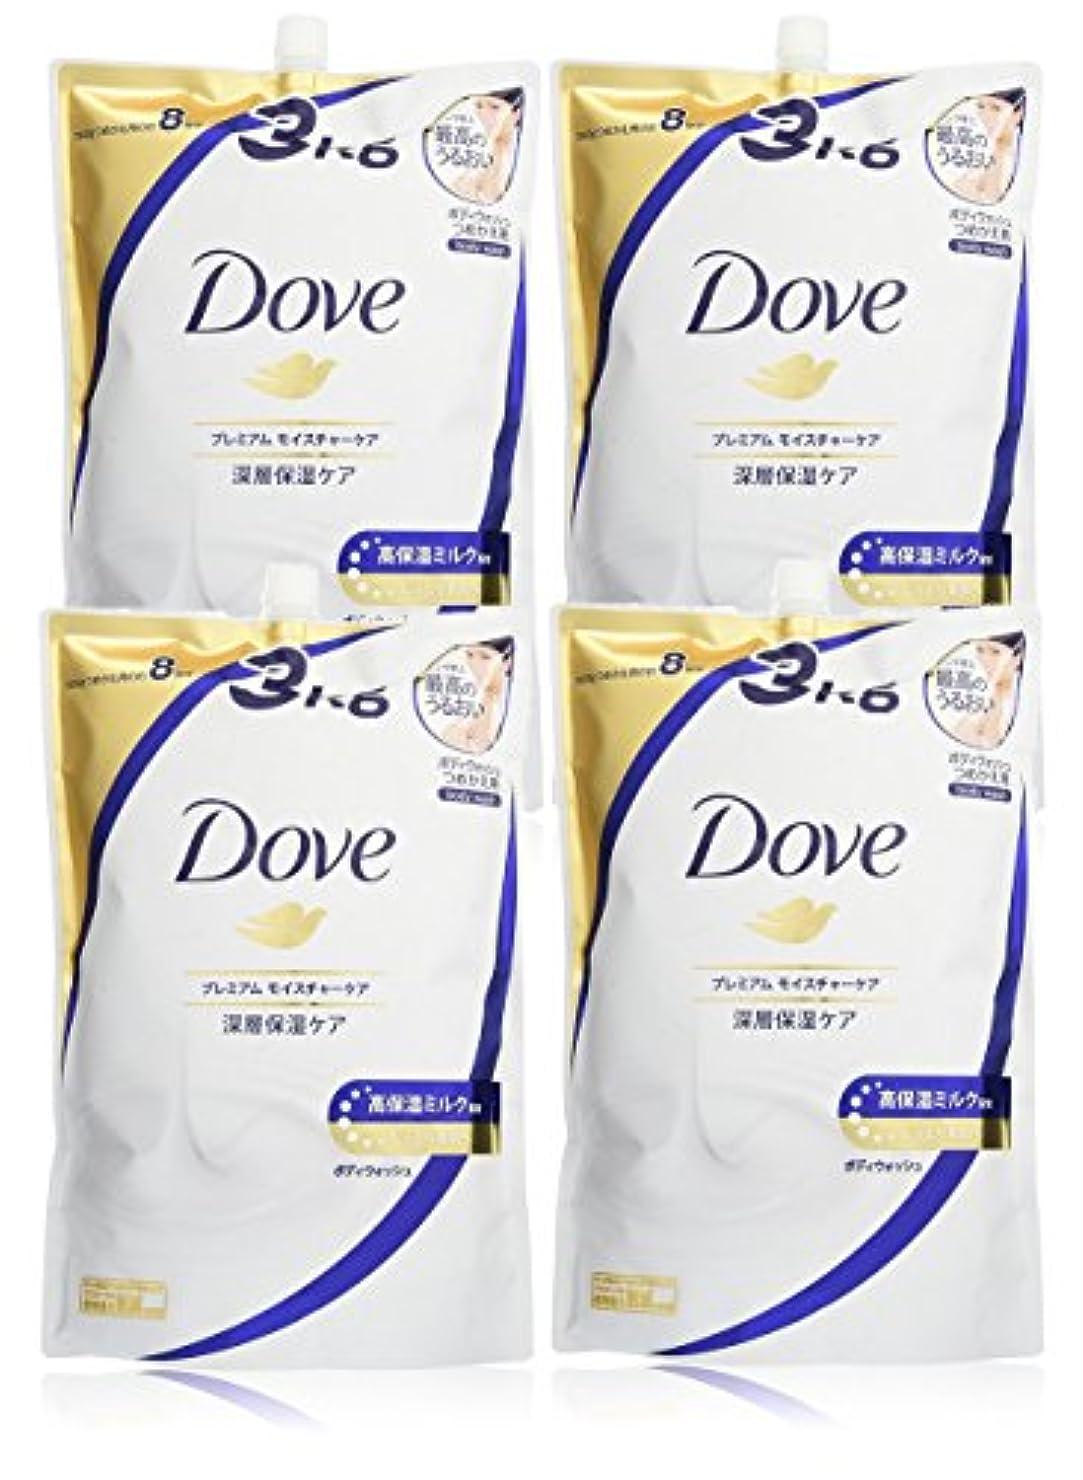 氷無し構想する【ケース販売】 Dove(ダヴ) ボディウォッシュ プレミアム モイスチャーケア つめかえ用 3kg×4個